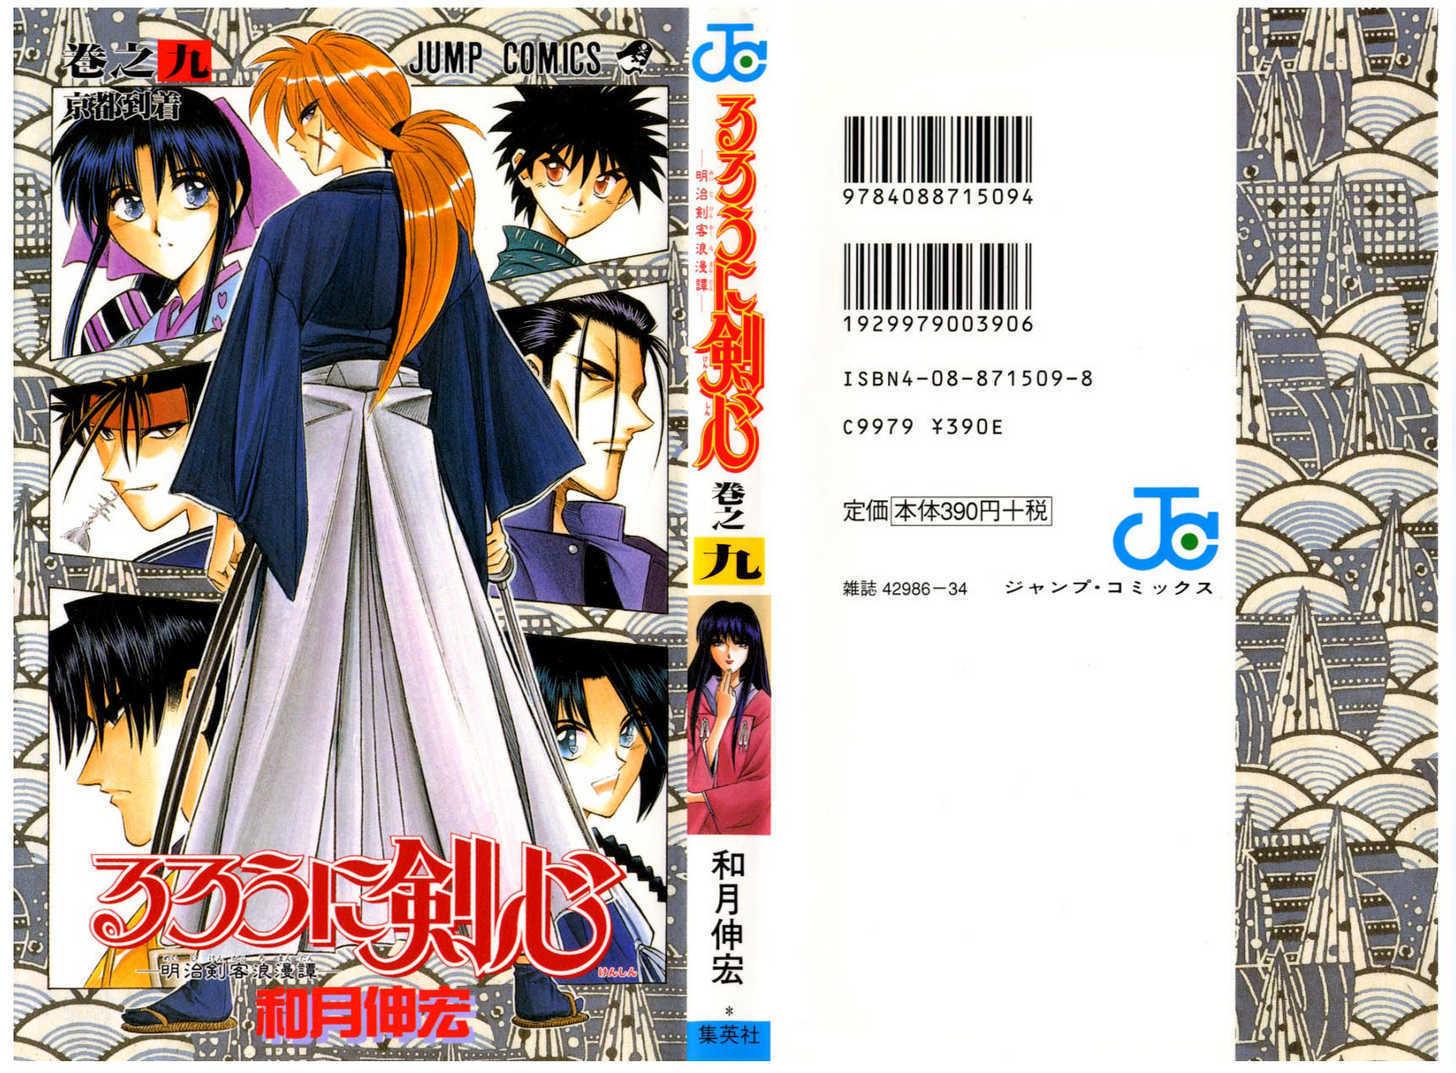 Rurouni Kenshin 67 Page 1